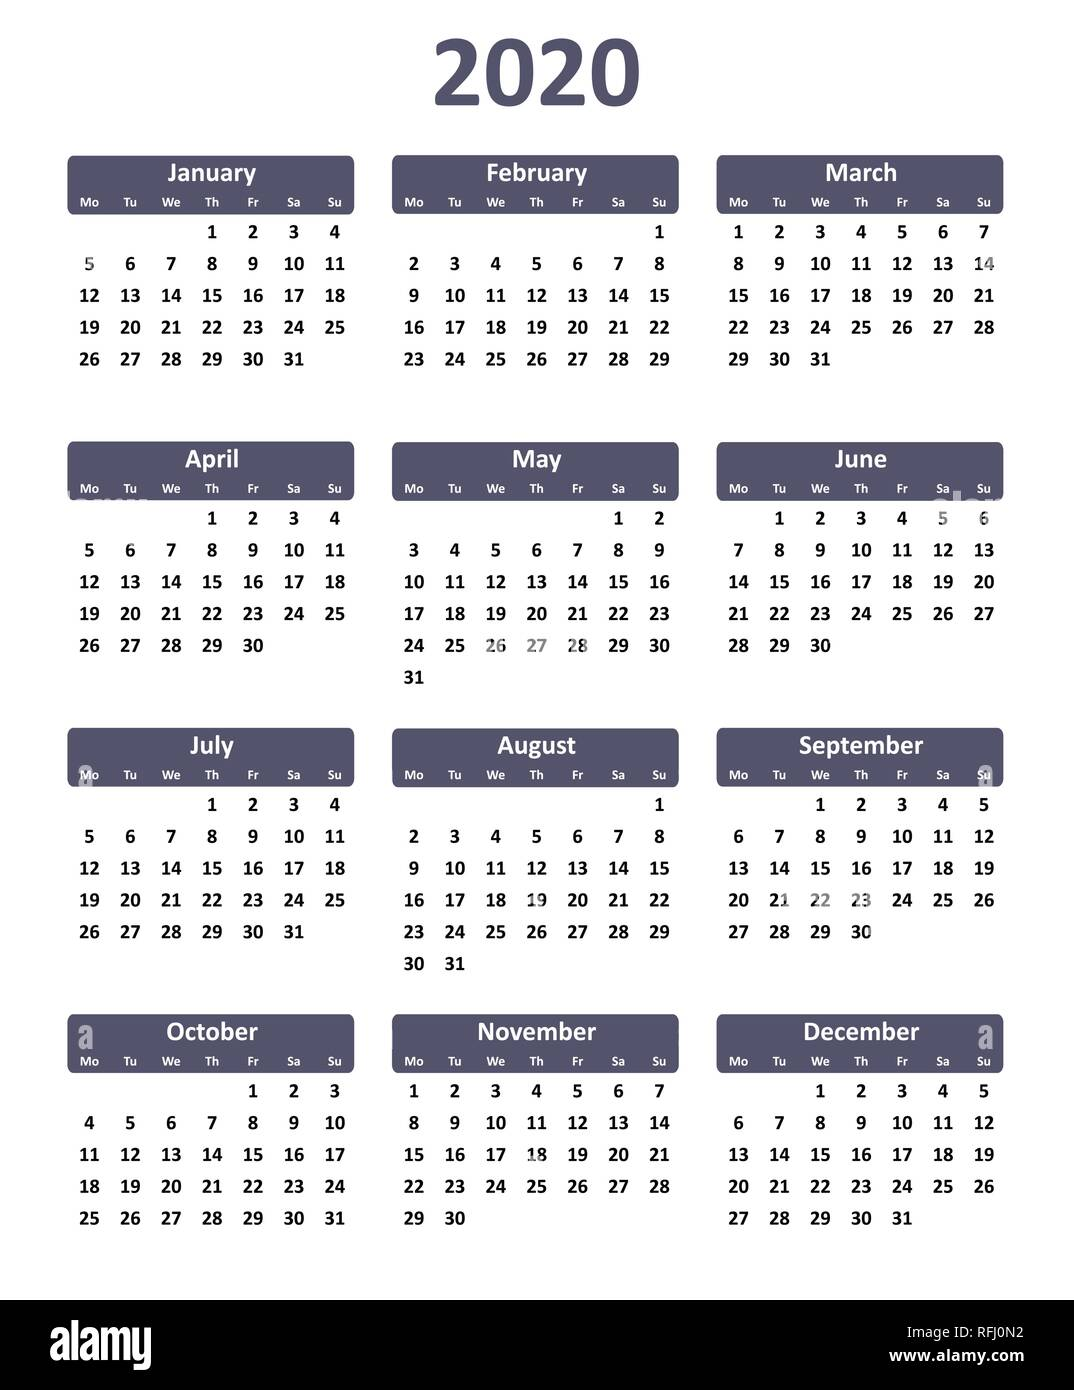 CALENDARIO 2020 WORD EDITABLE - Calendario 2019